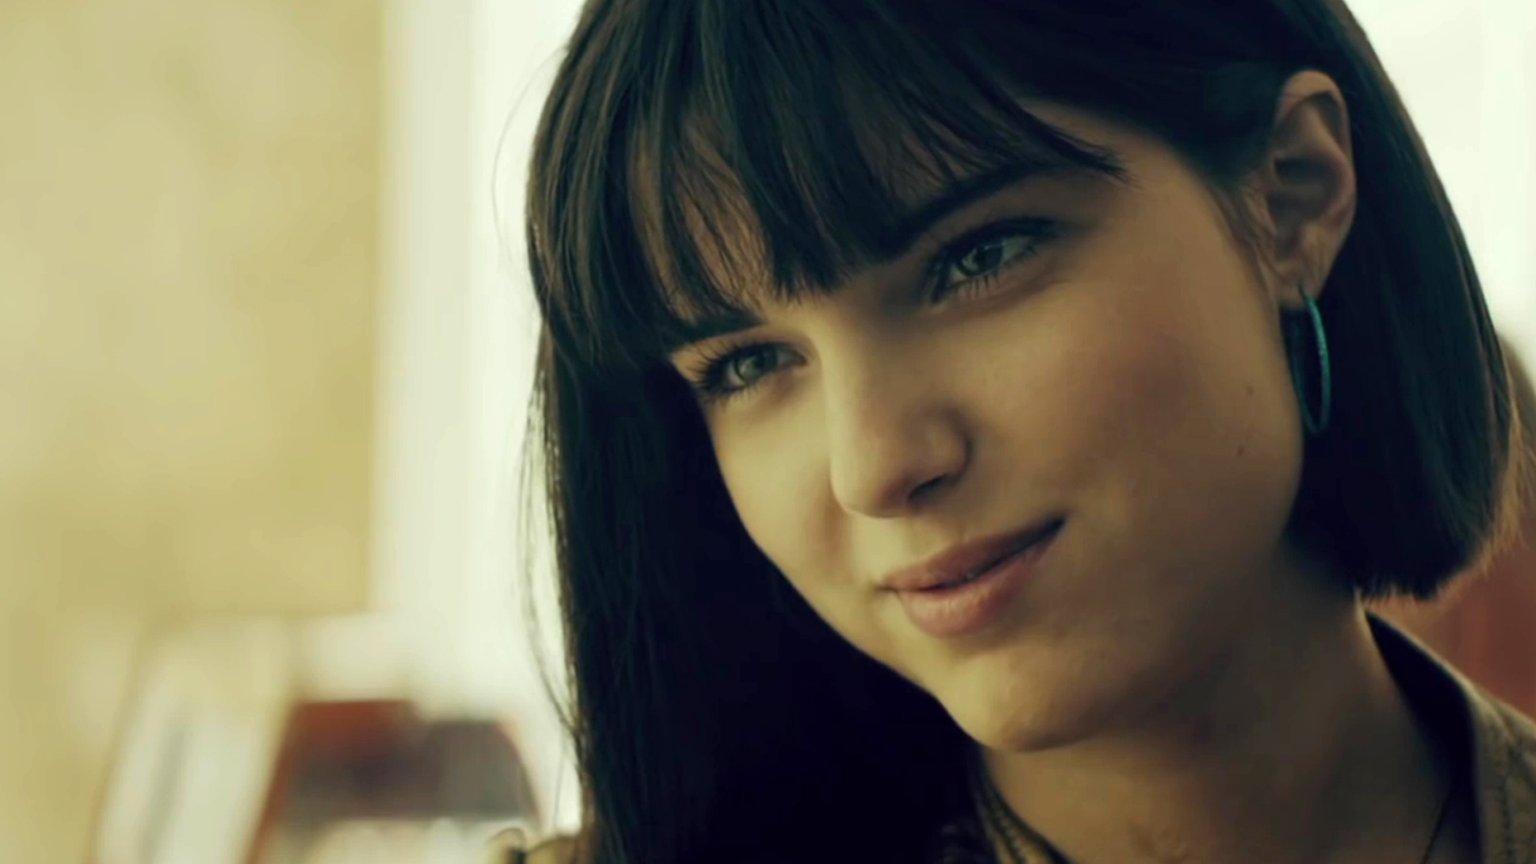 Megan Markle Wikipedia >> Aktorka 'Barw Szczęścia' rozebrała się w filmie. Michalina Olszańska nago w 'Anatomii Zła'